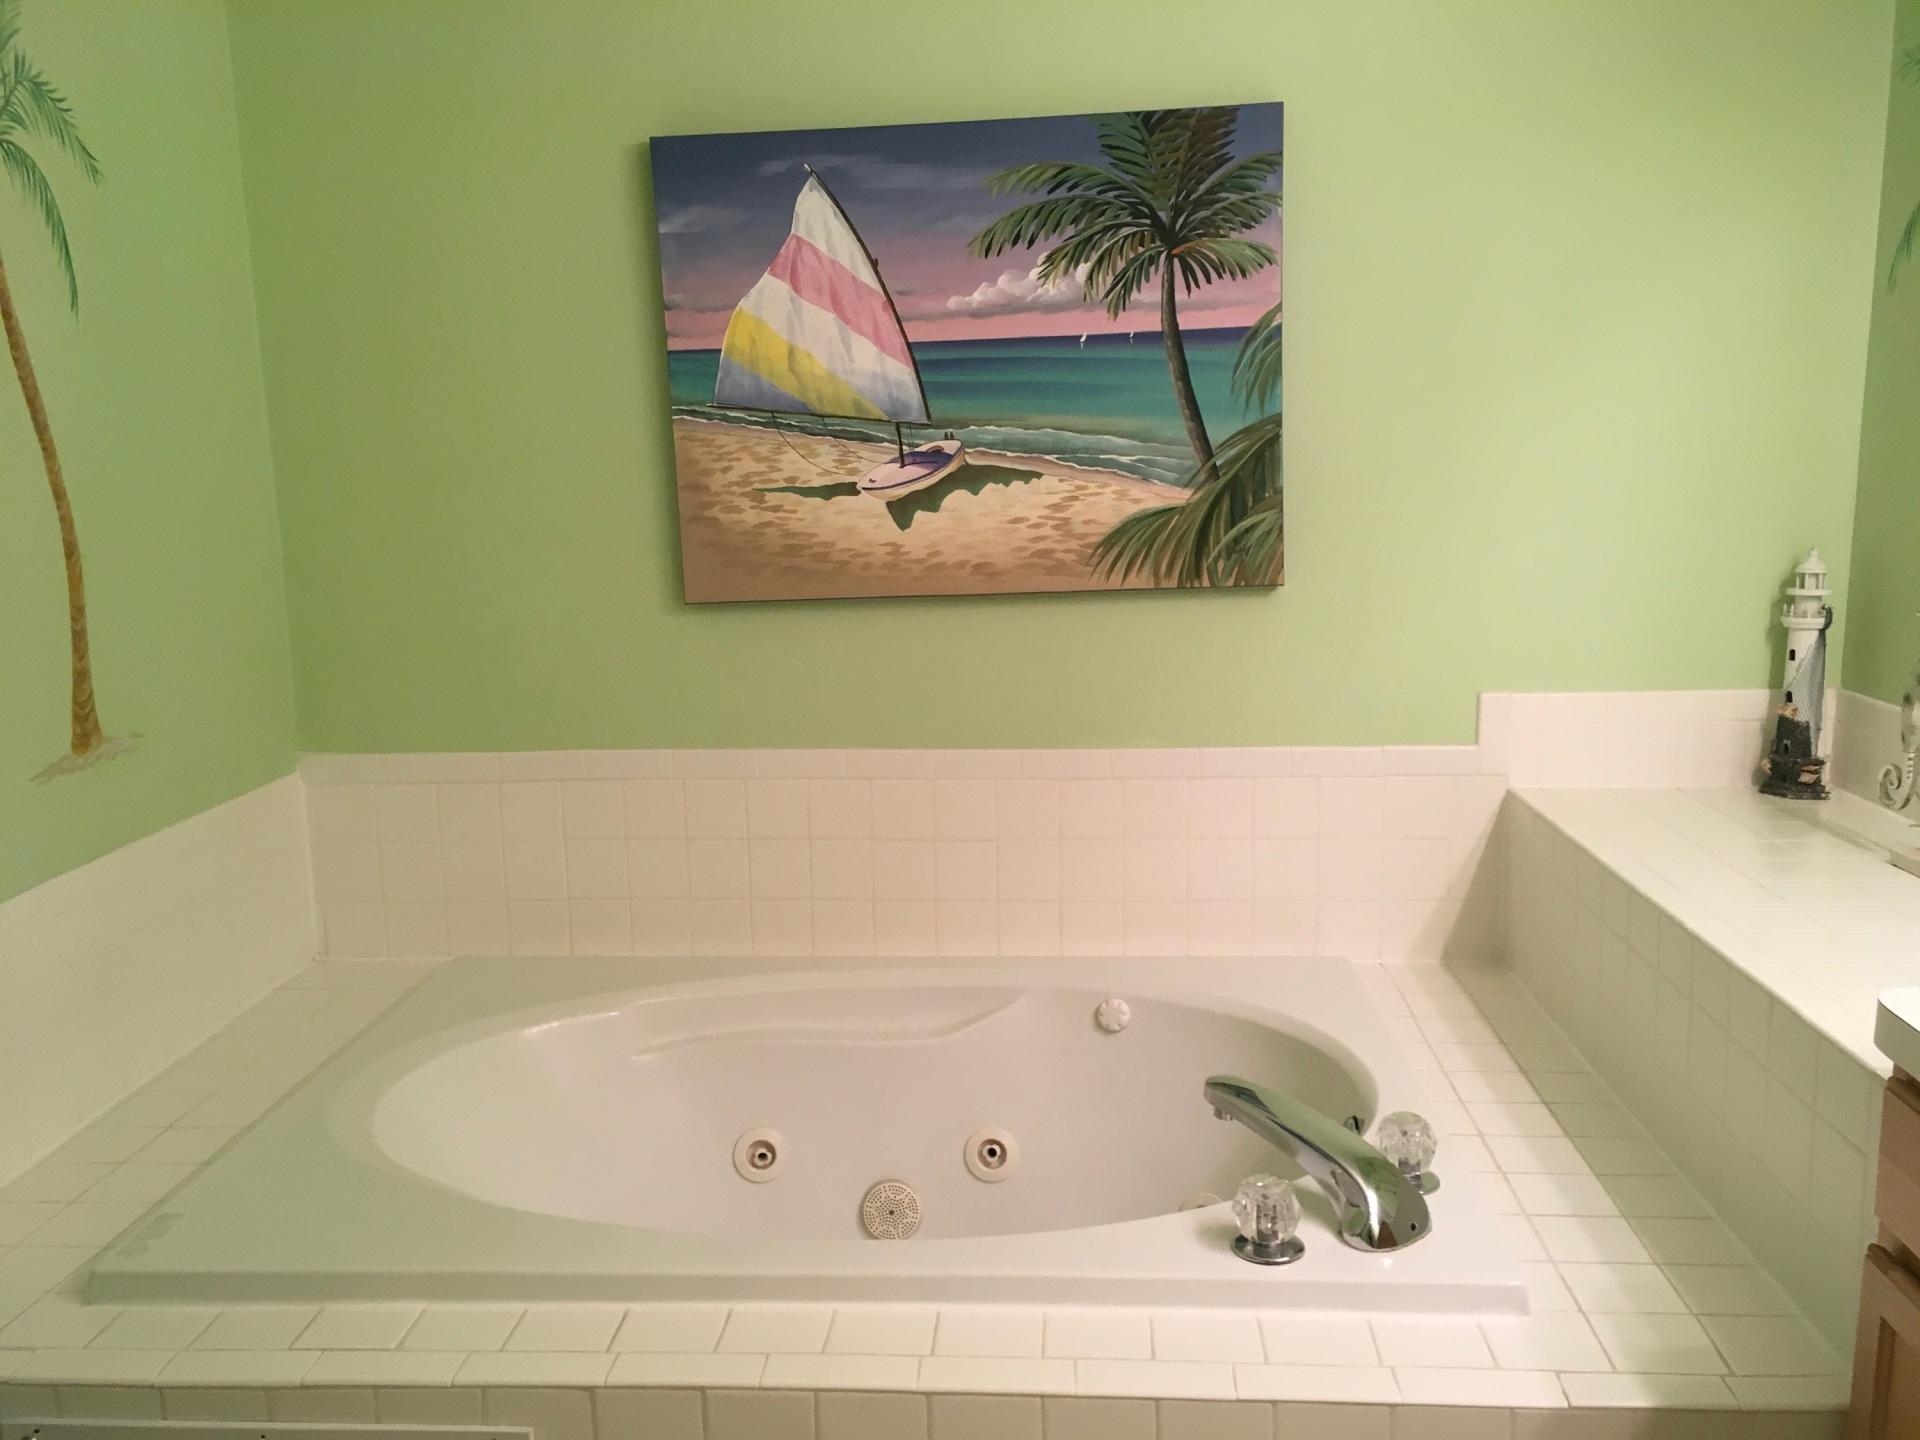 Spa bath treatment